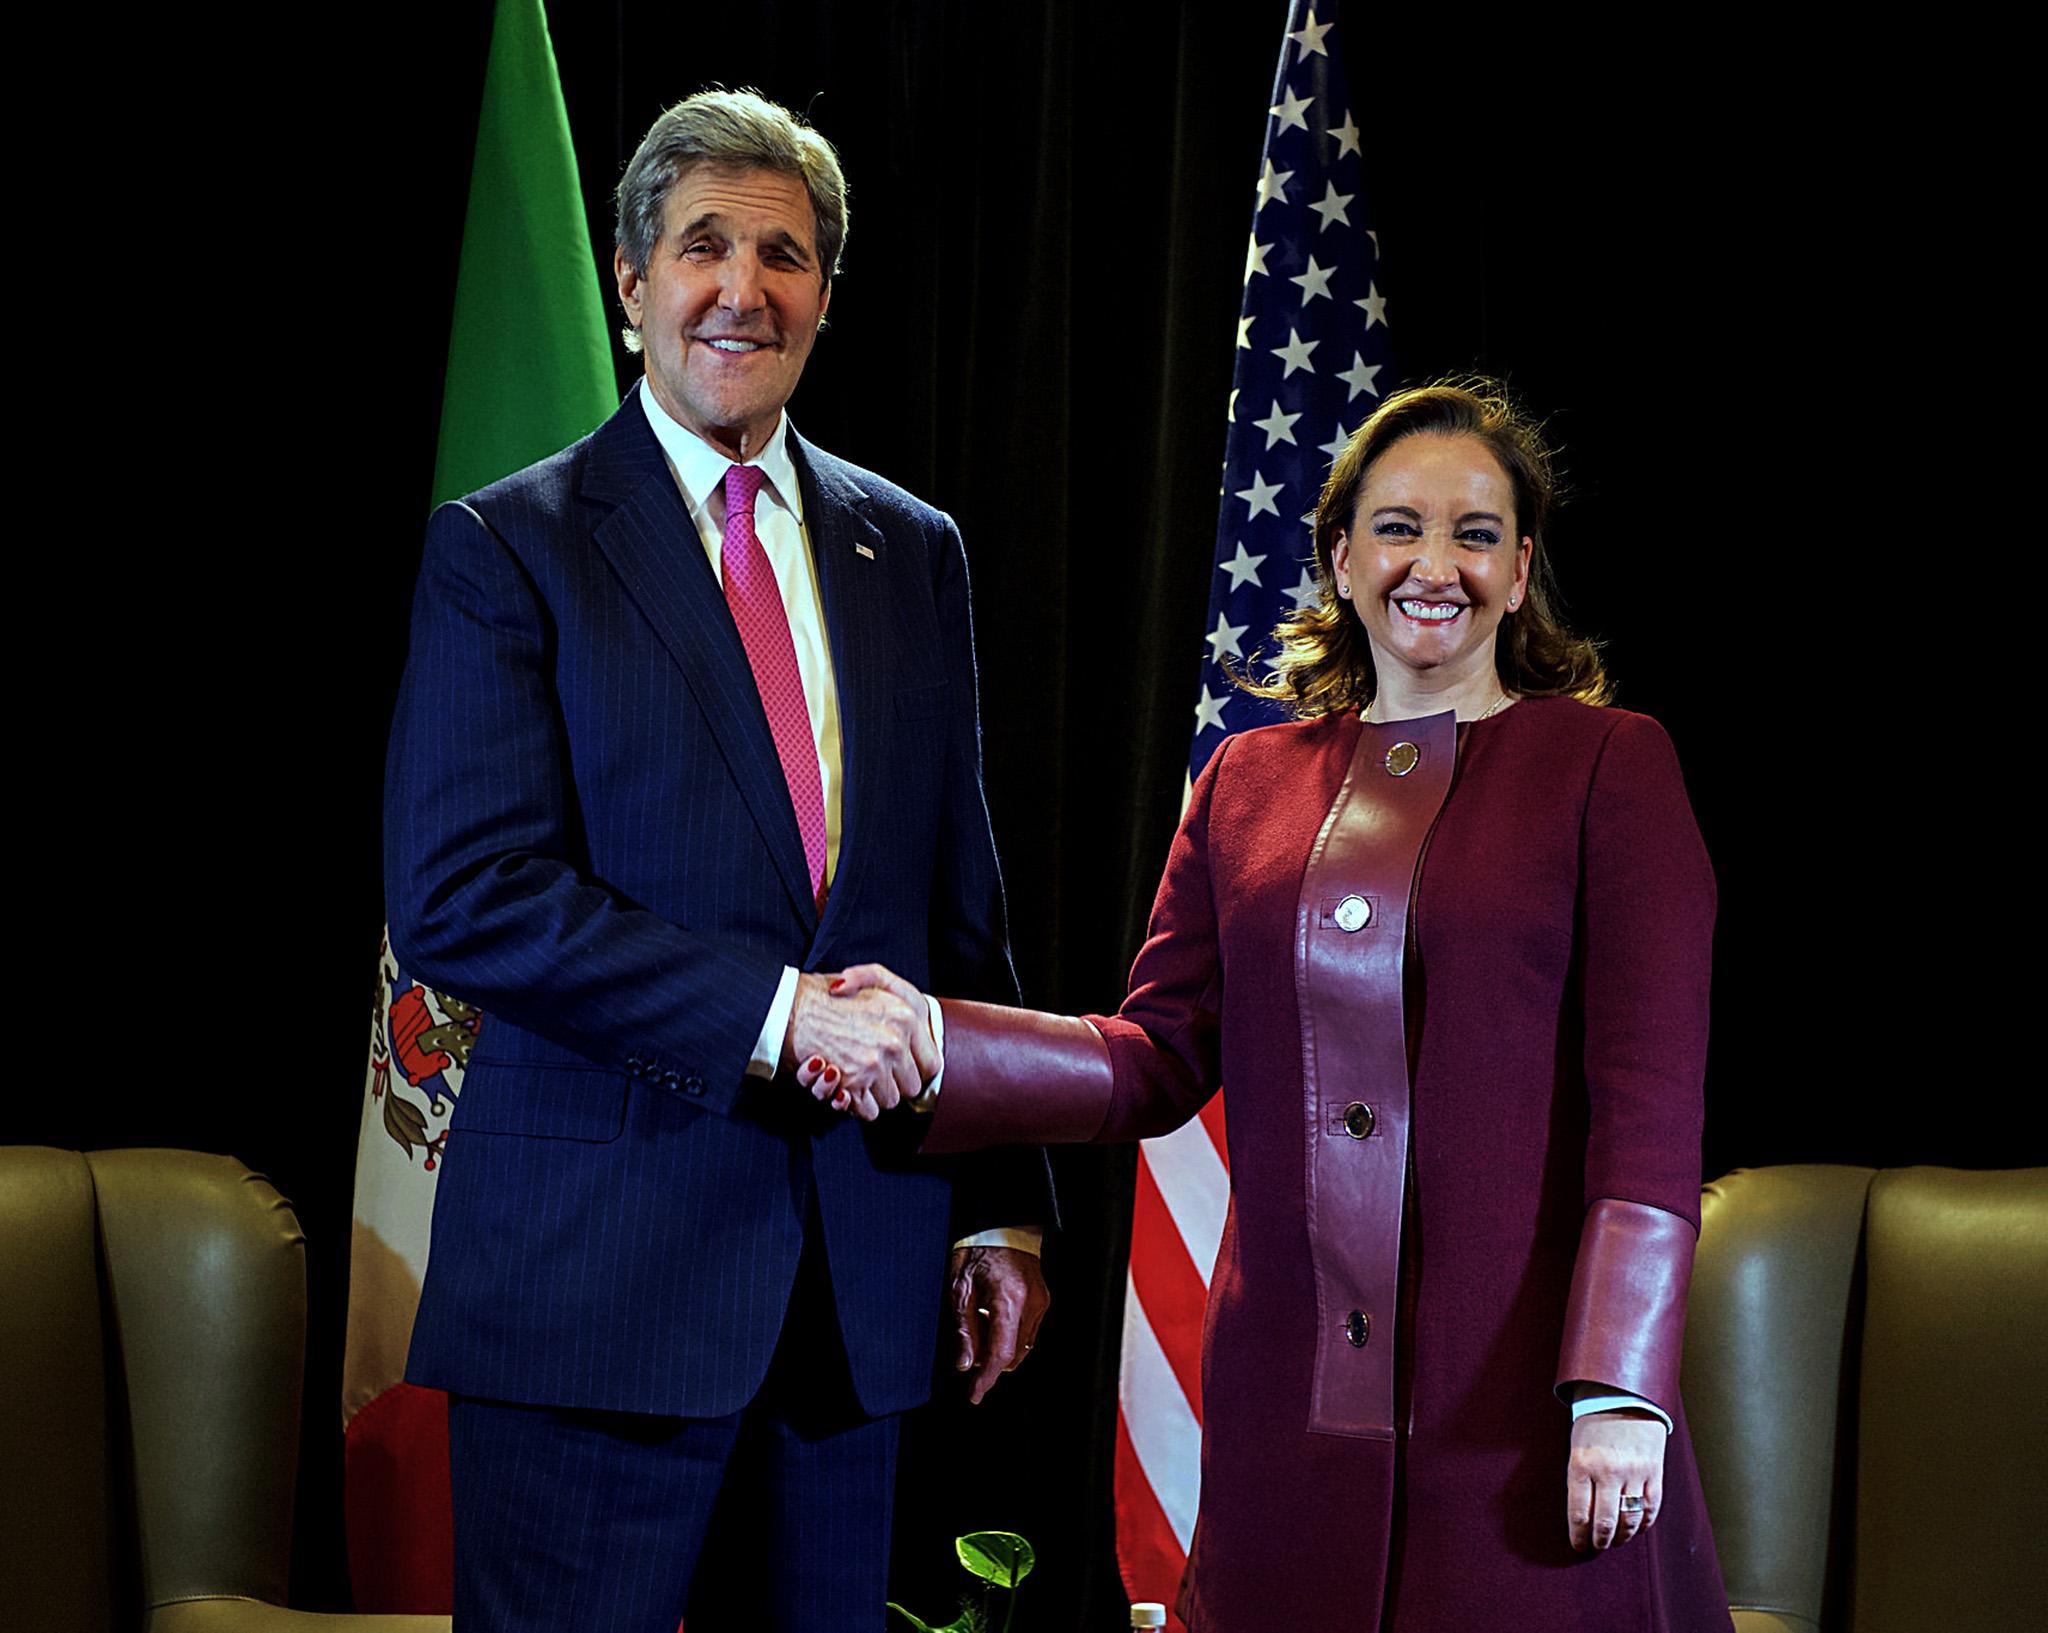 FOTO 1 Canciller Claudia Ruiz Massieu con el Secretario de Estado de Estados Unidos  John Kerry  Foto Departamento de Estado de EU .jpg